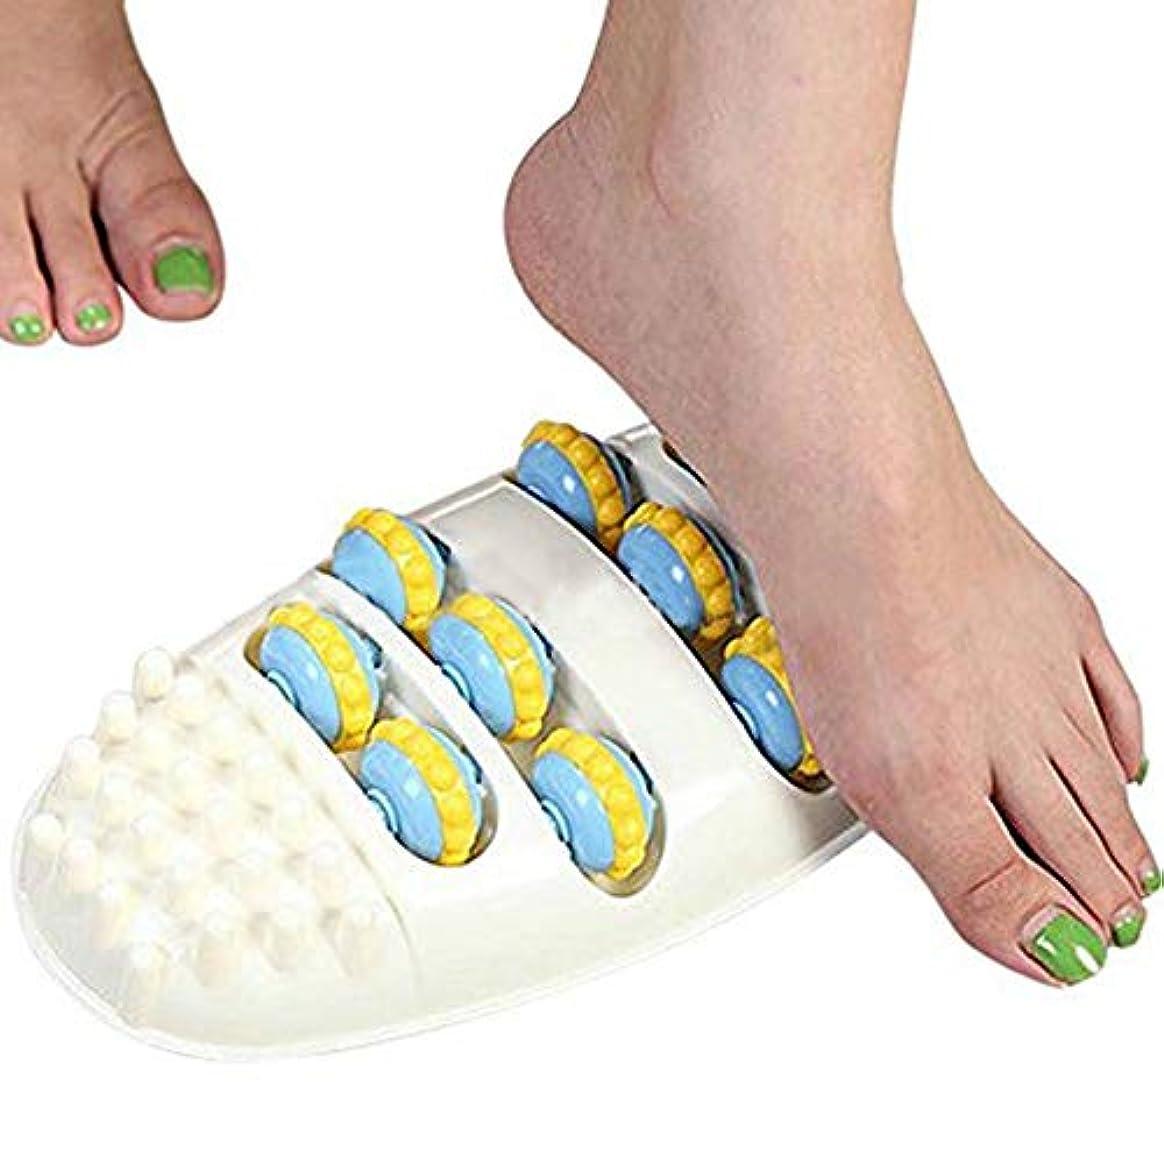 あいまいさ増幅するセンサーZIME フットマッサージローラー、フットマッスルリラックスツール - 足の痛みと足底筋膜炎を和らげる